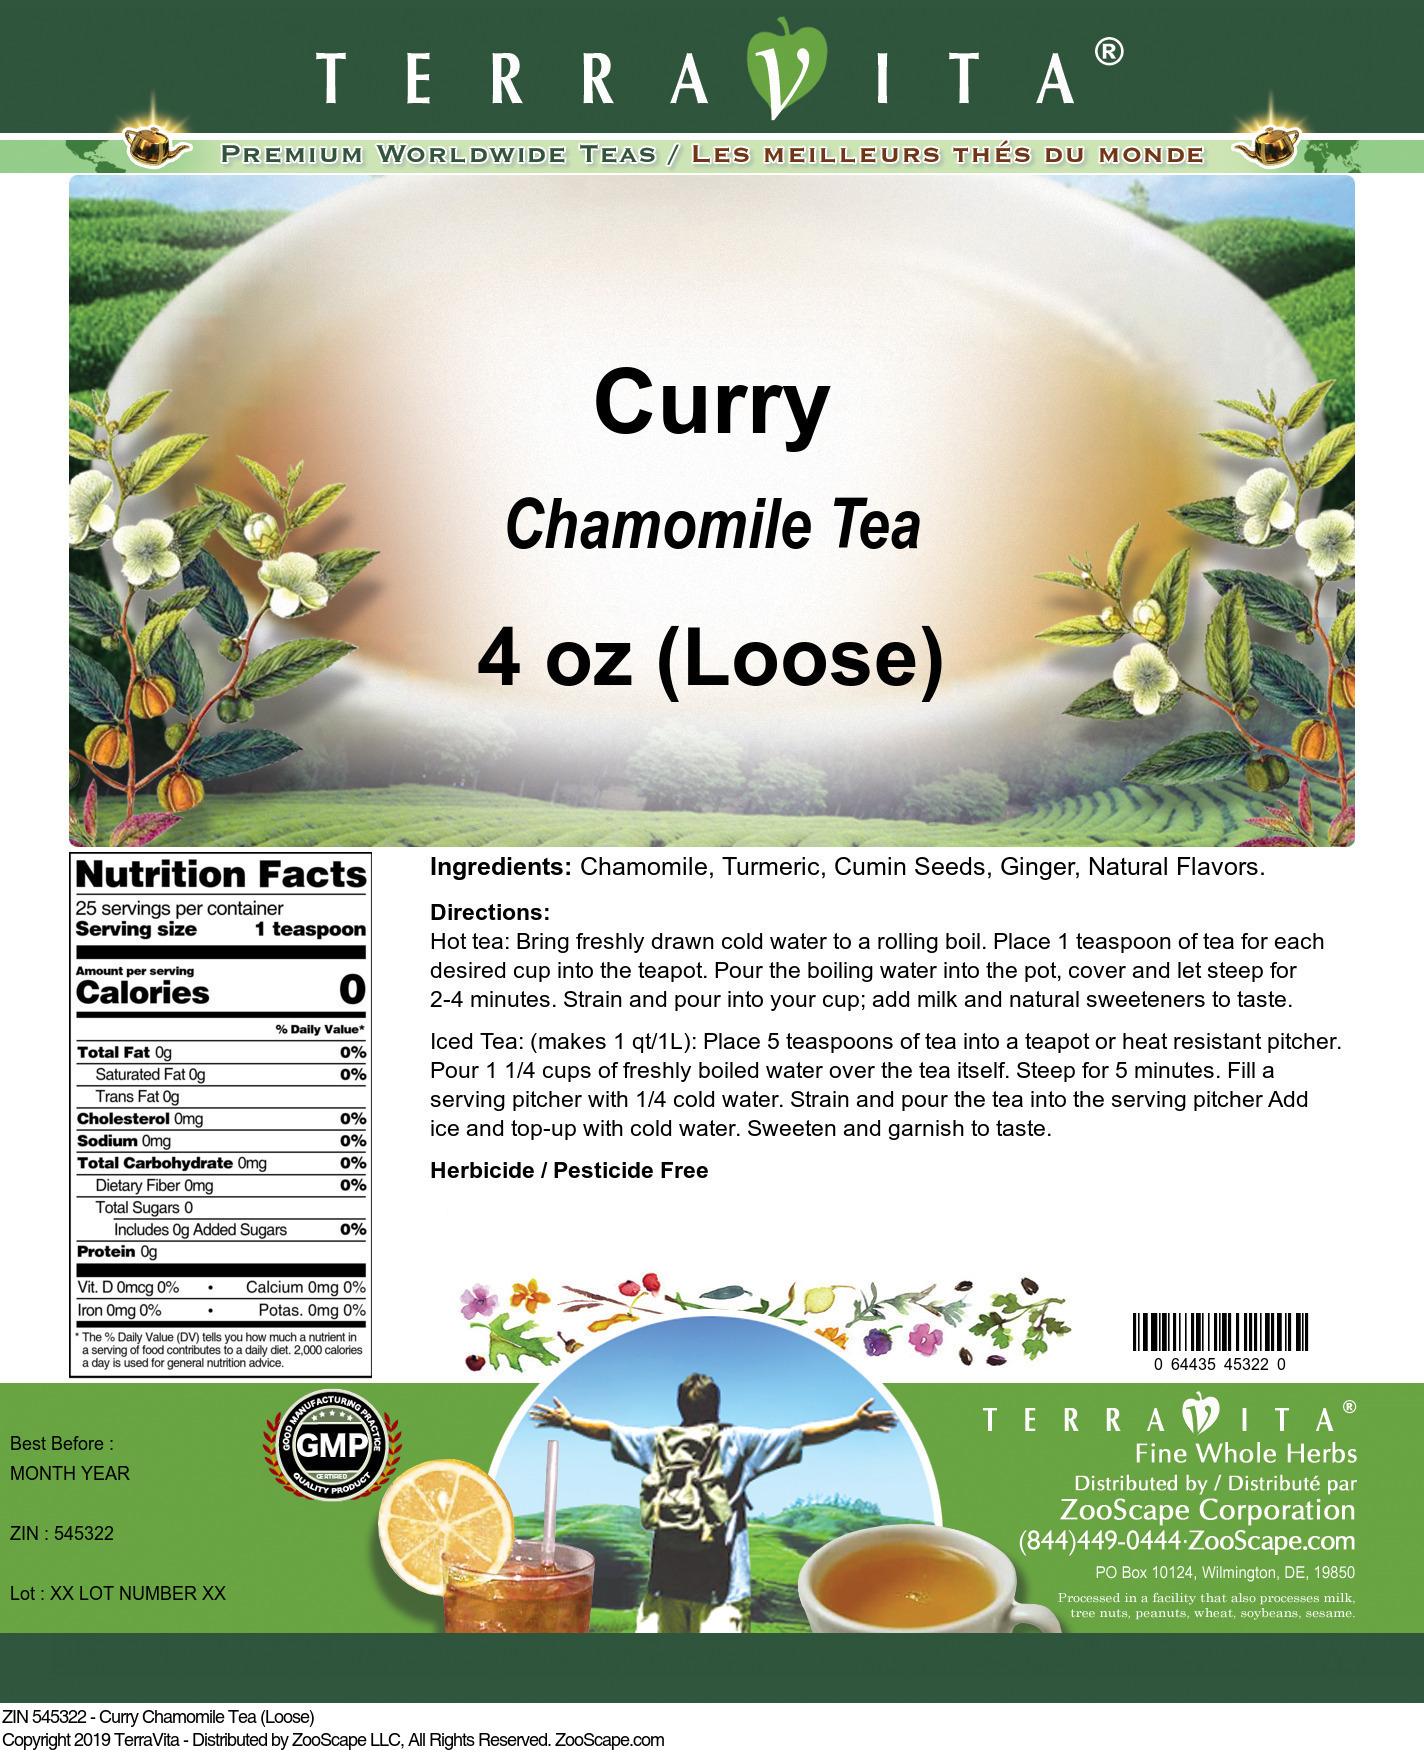 Curry Chamomile Tea